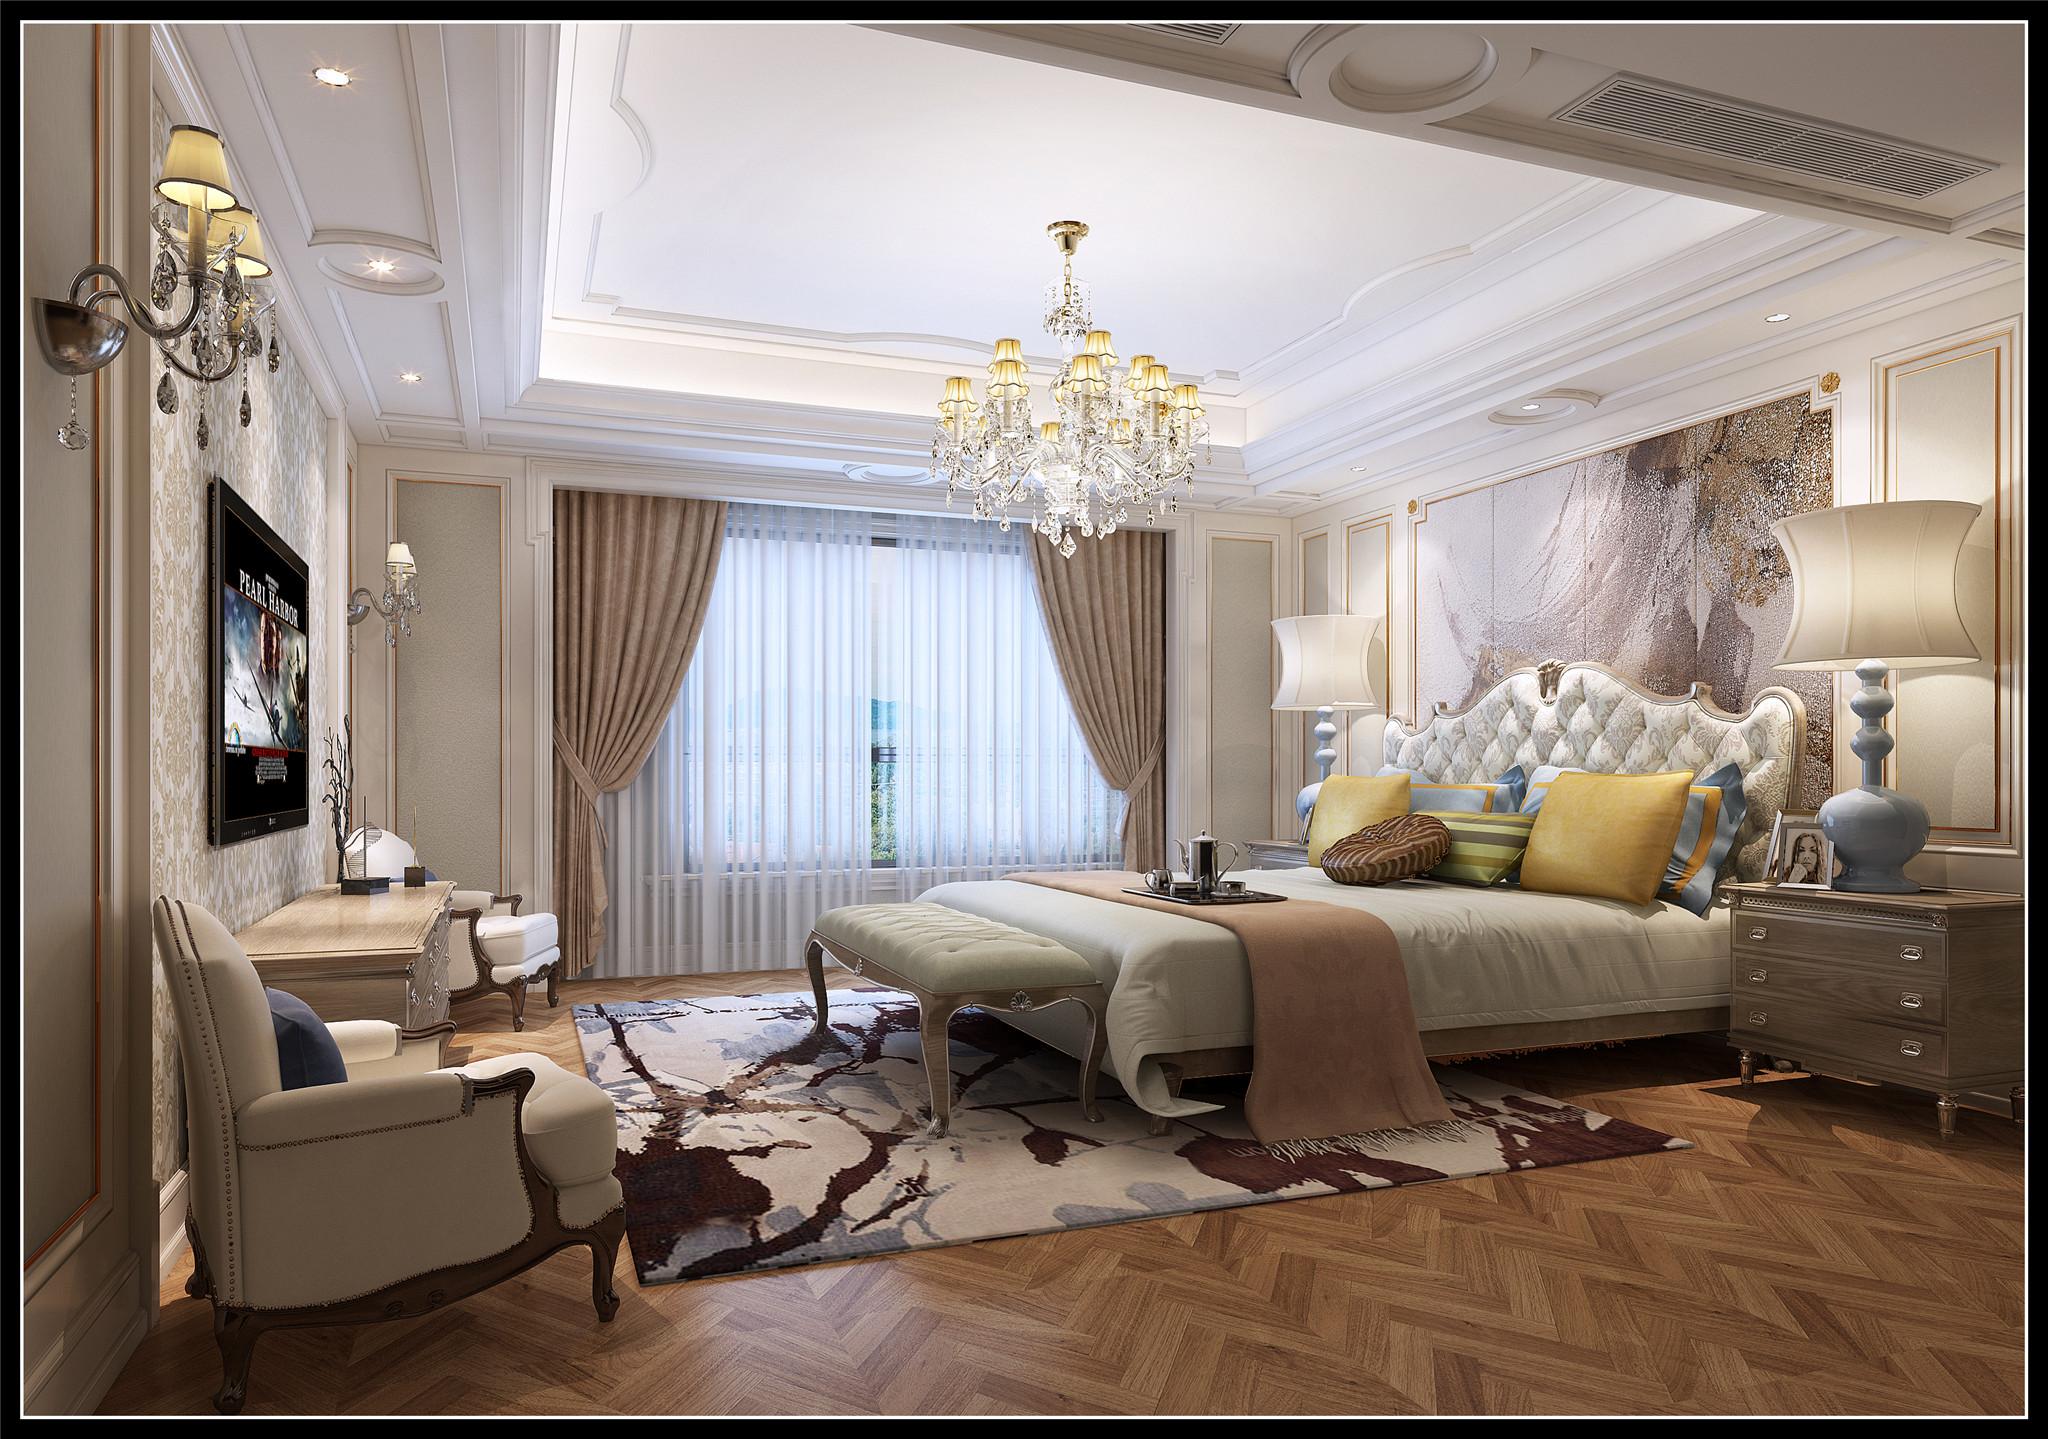 古典欧式风格兼备豪华、优雅、和谐、舒适、浪漫的特点,受到了越来越多业主的喜爱。